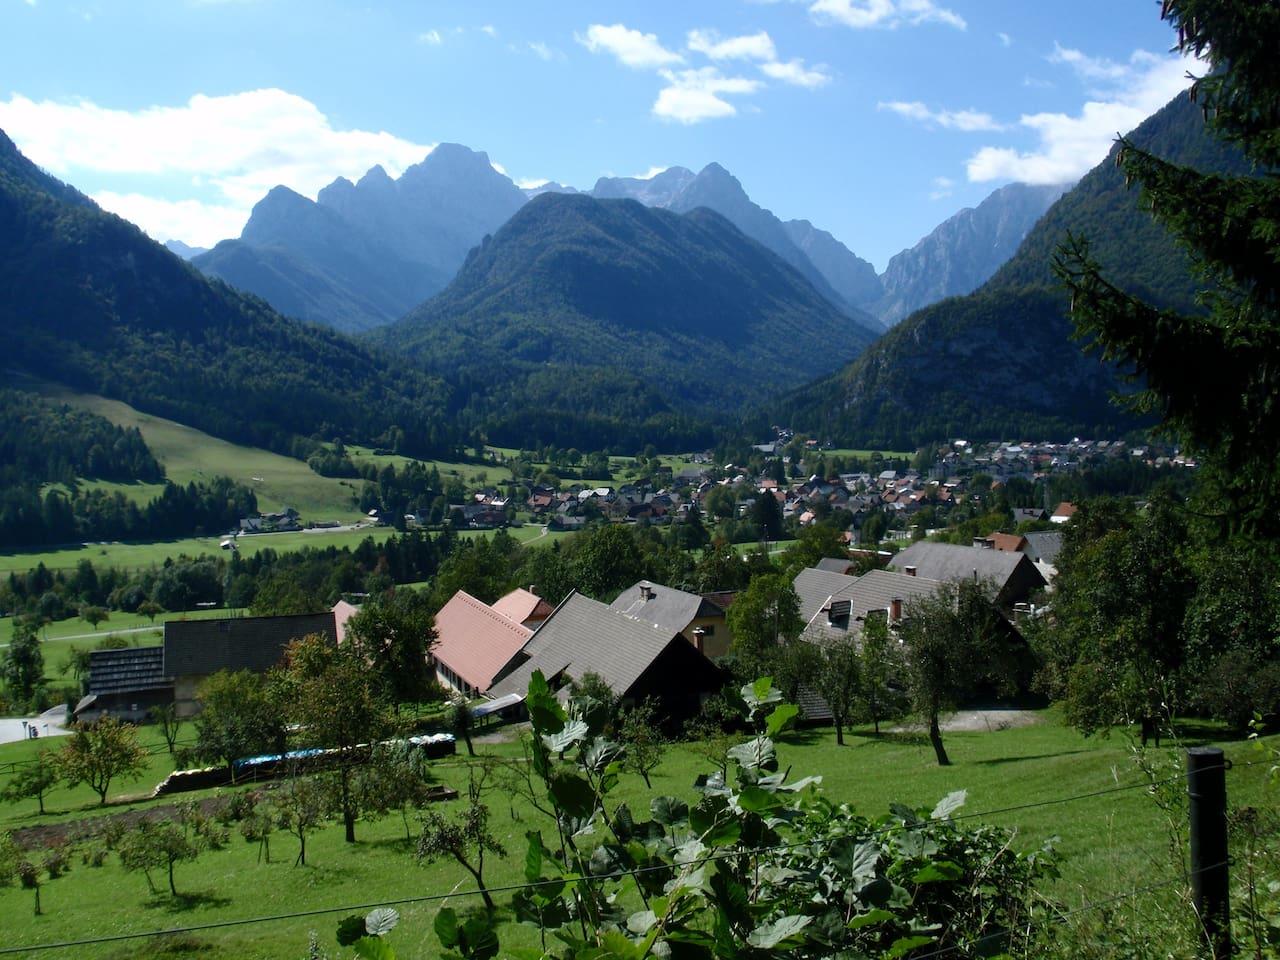 Villages Dovje and Mojstrana